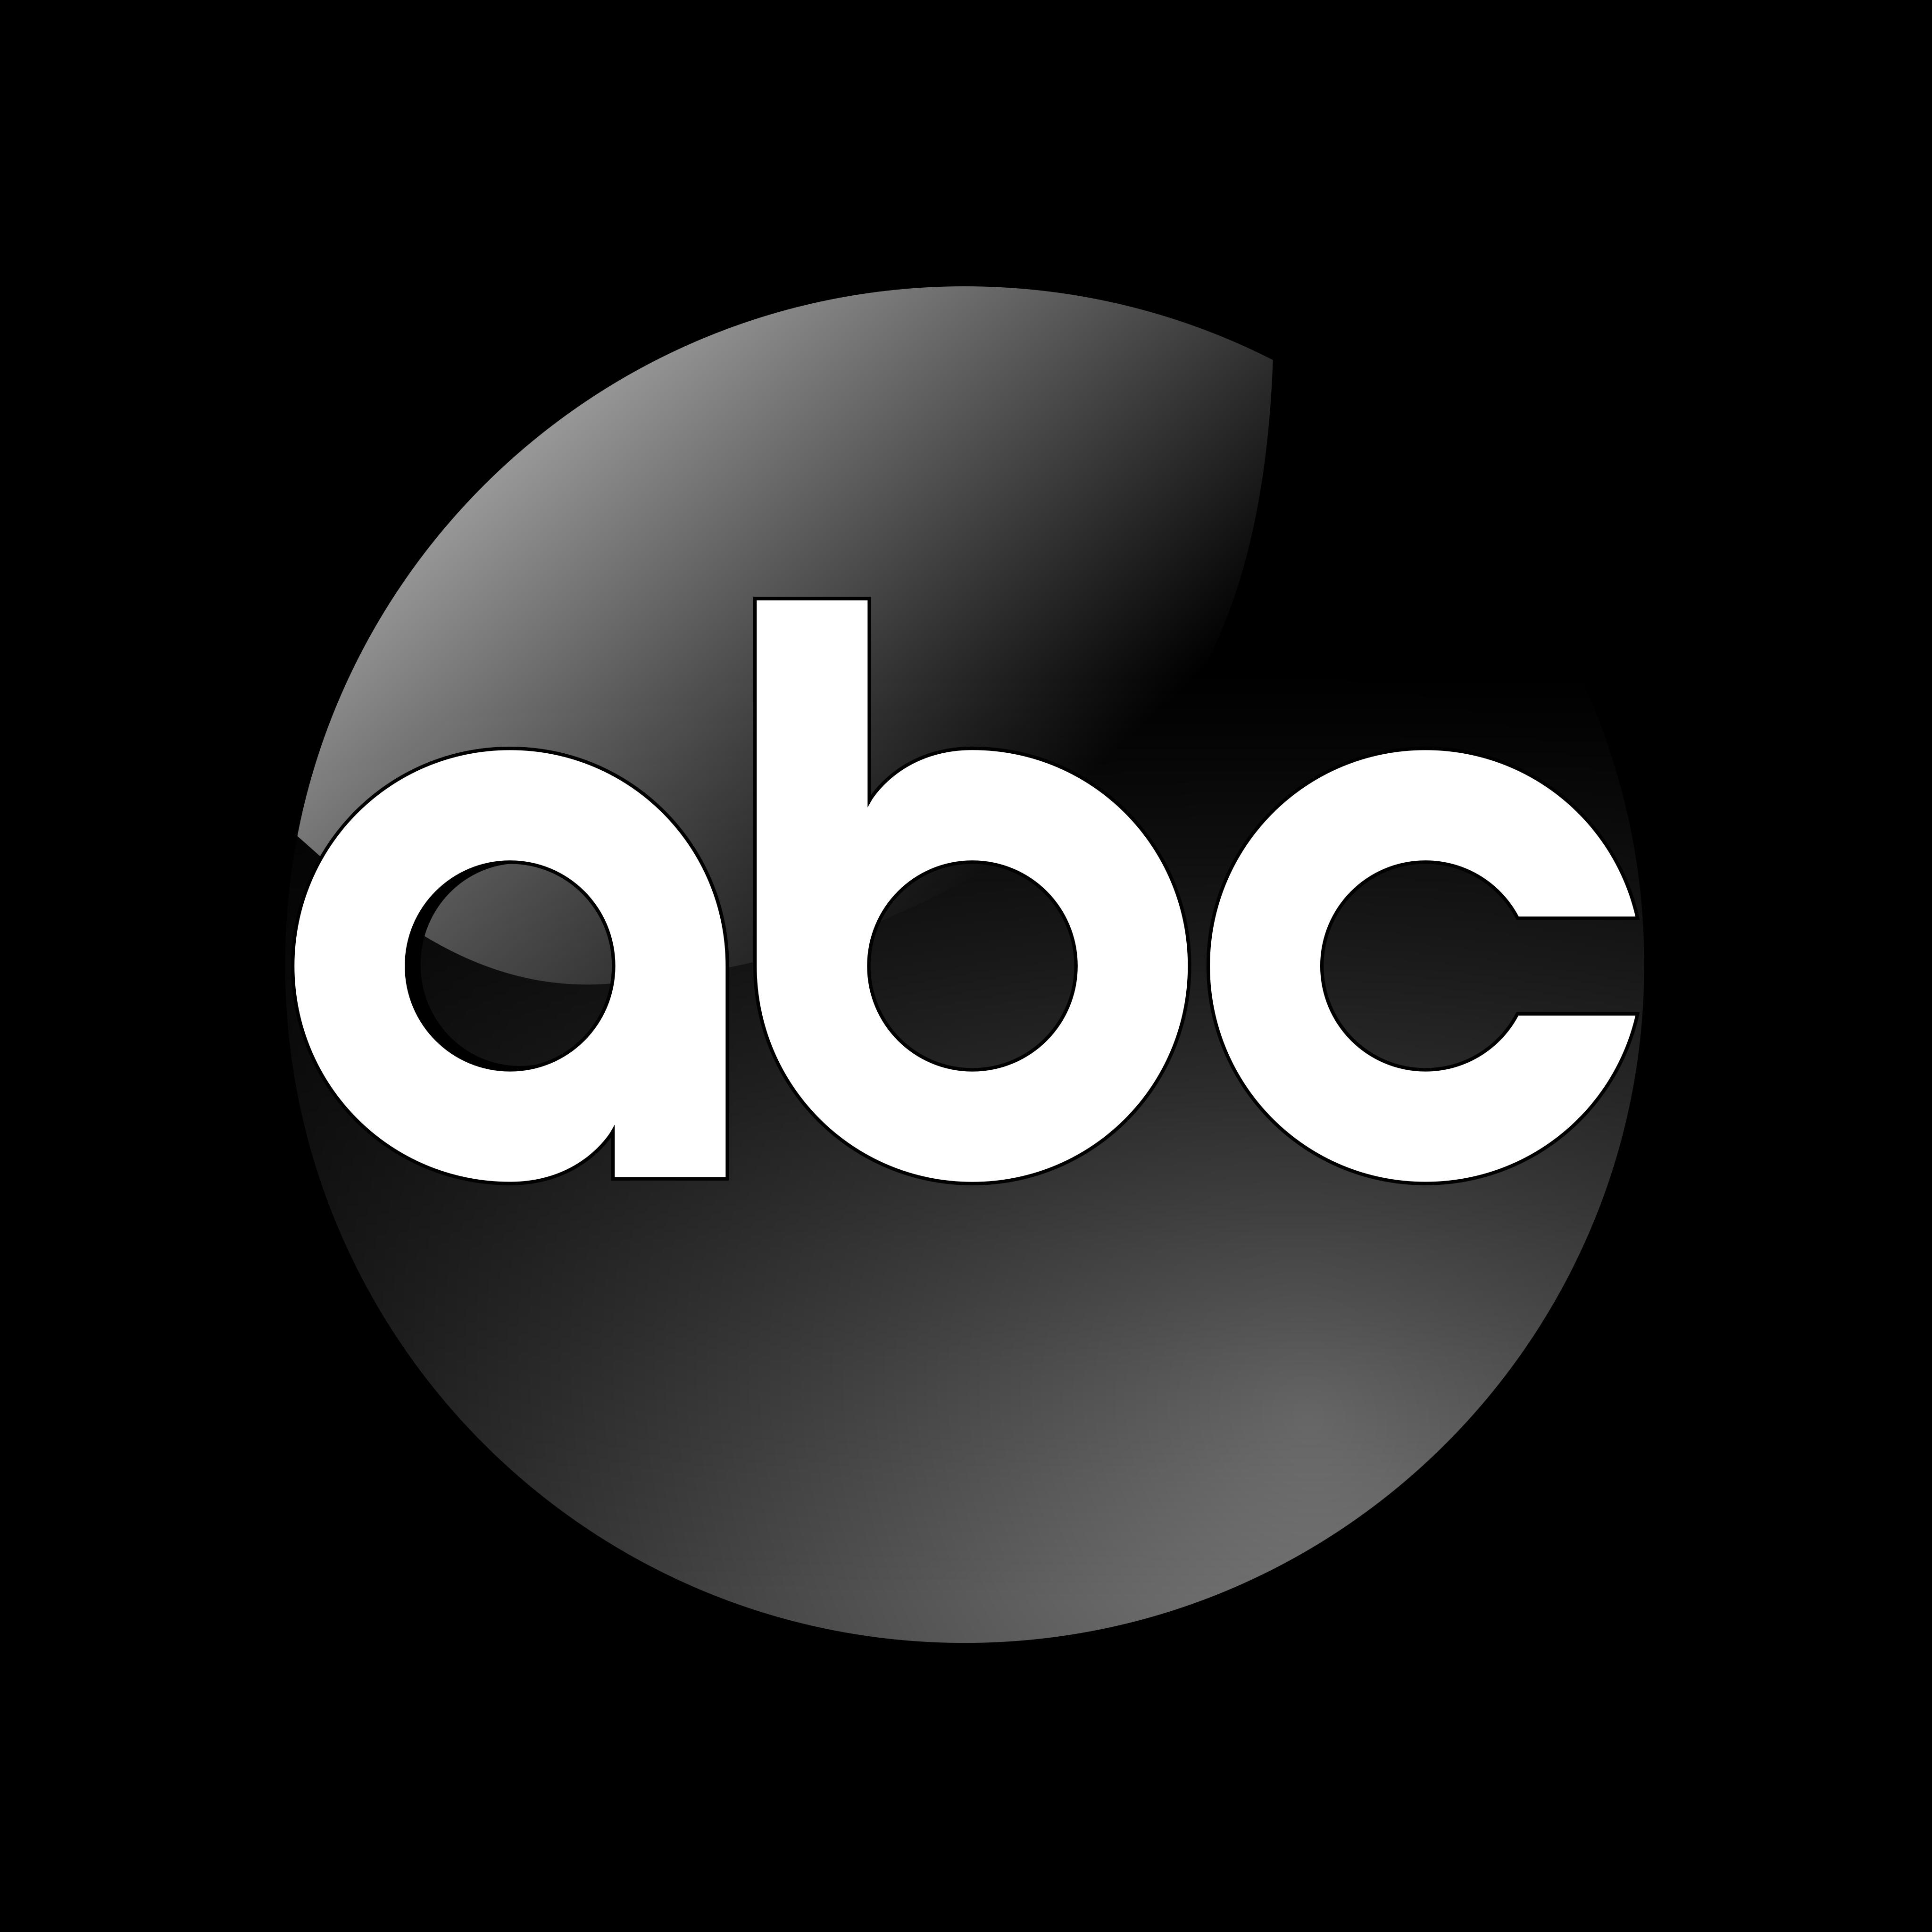 abc logo 0 - ABC Logo